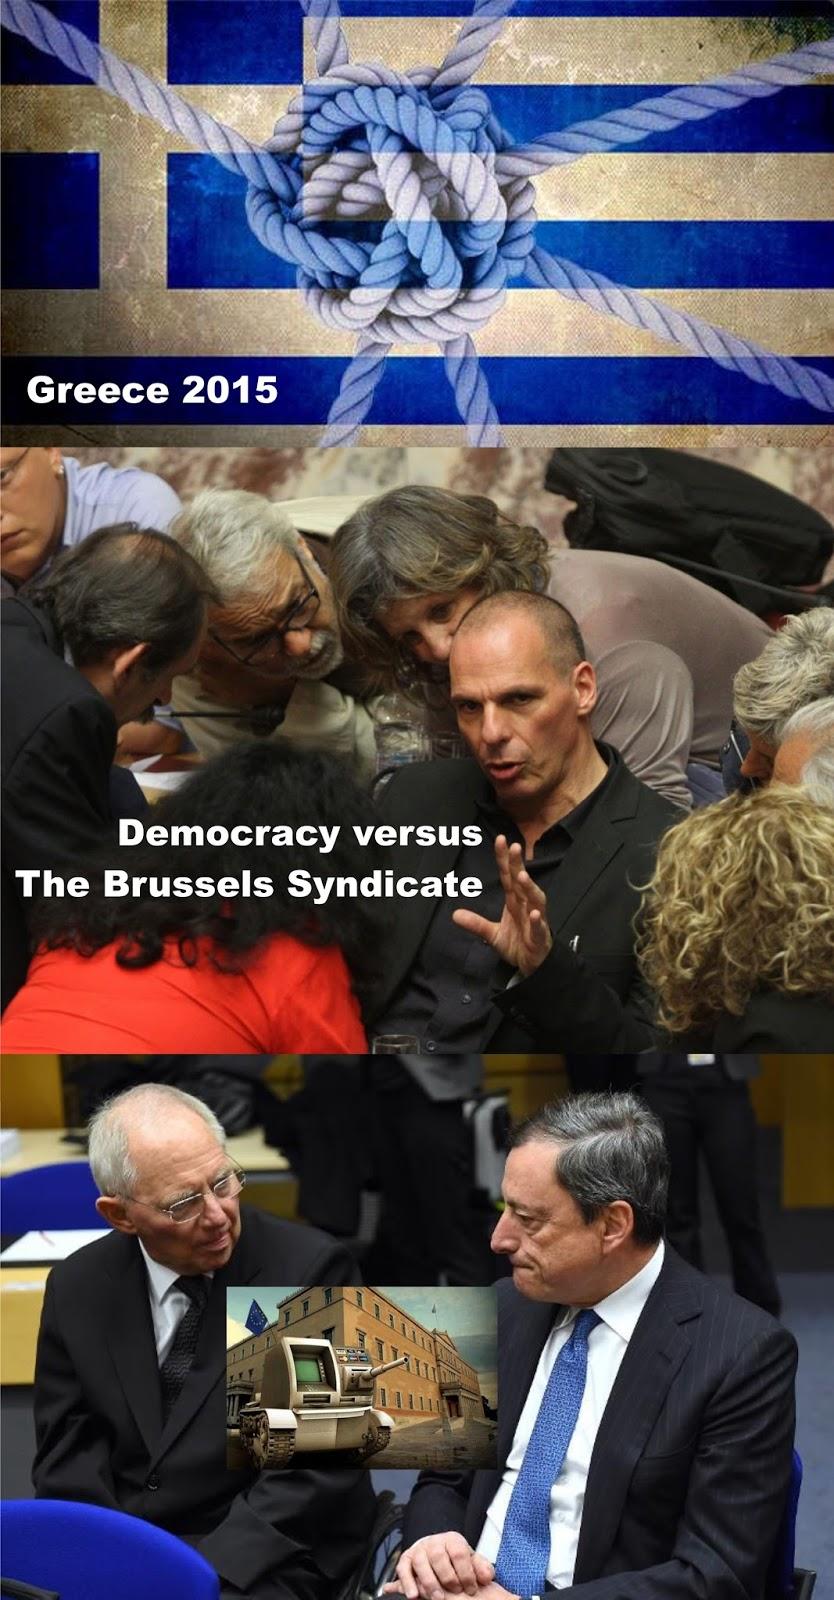 http://alcuinbramerton.blogspot.com/2015/08/greece-2015-democracy-versus-brussels.html